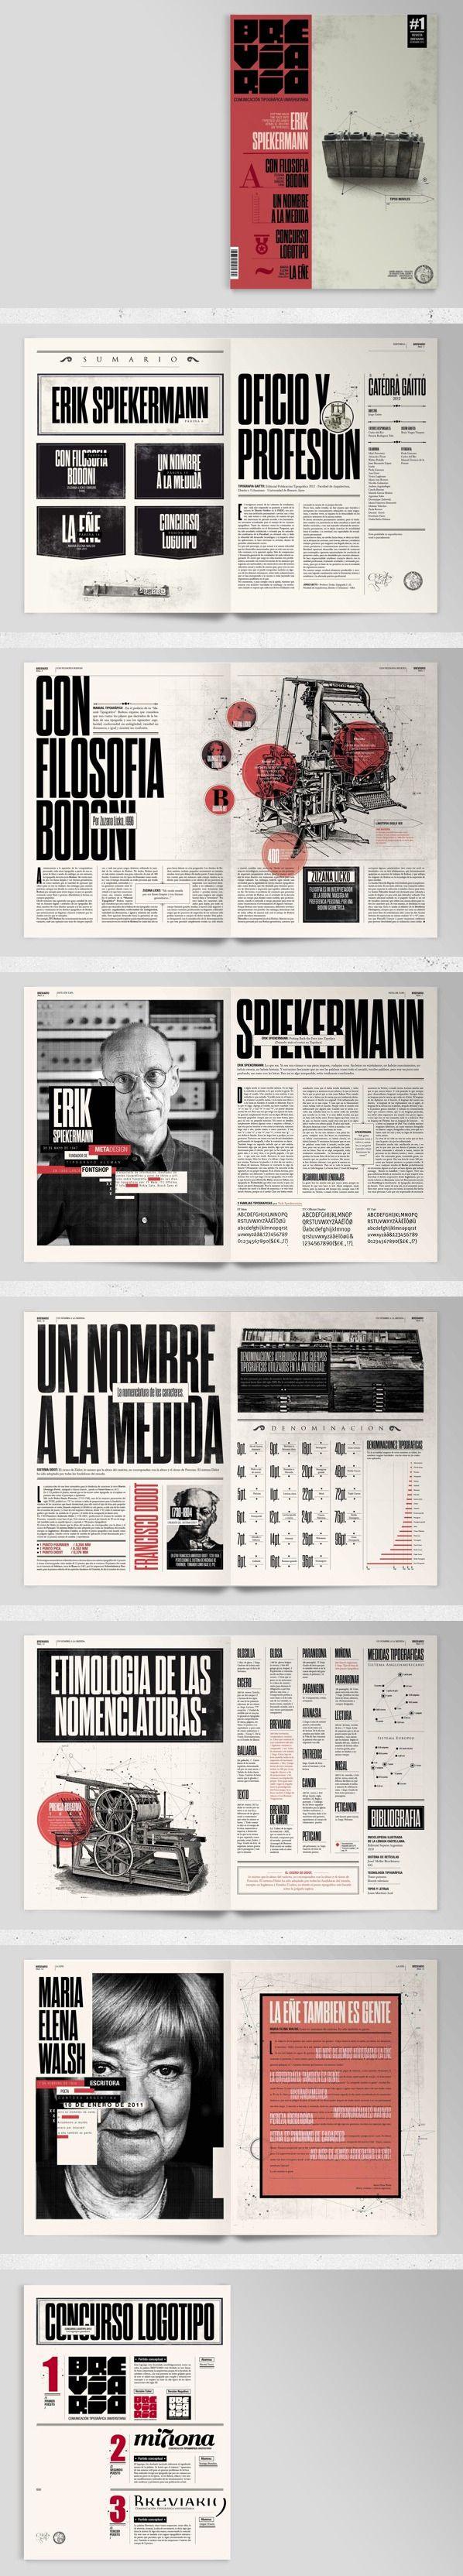 Breviario Magazine by Boris Vargas Vasquez